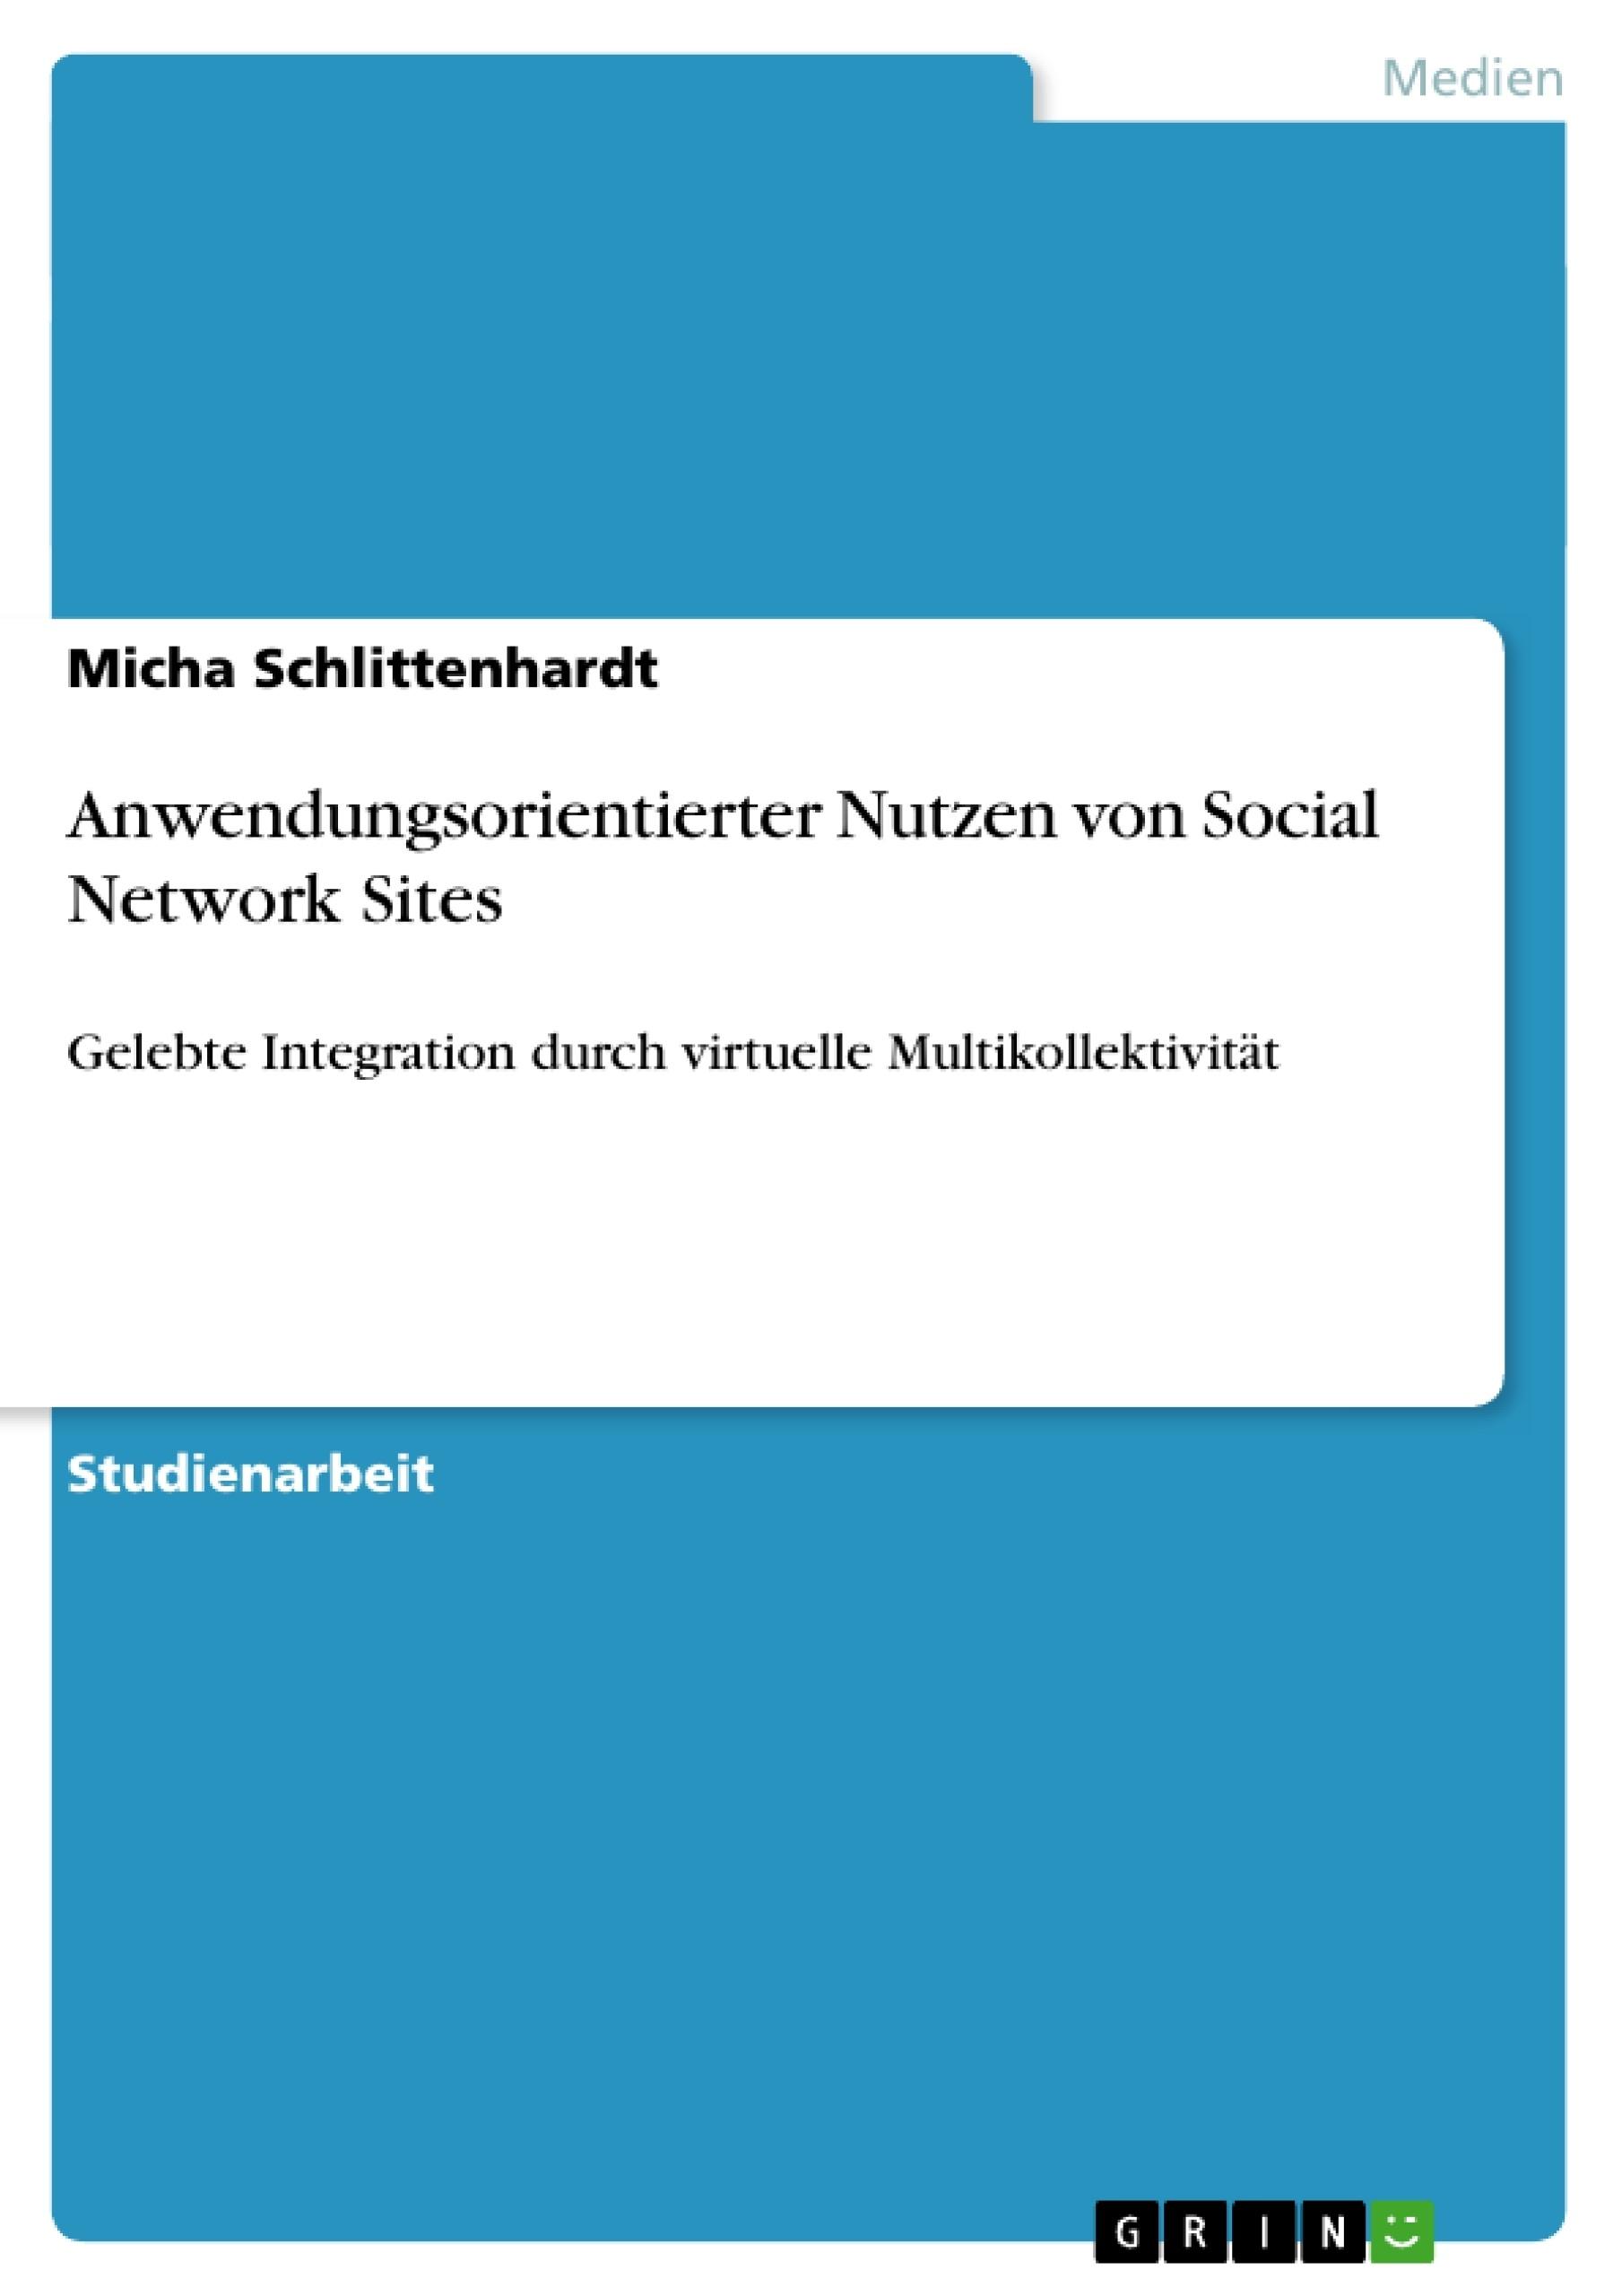 Titel: Anwendungsorientierter Nutzen von Social Network Sites